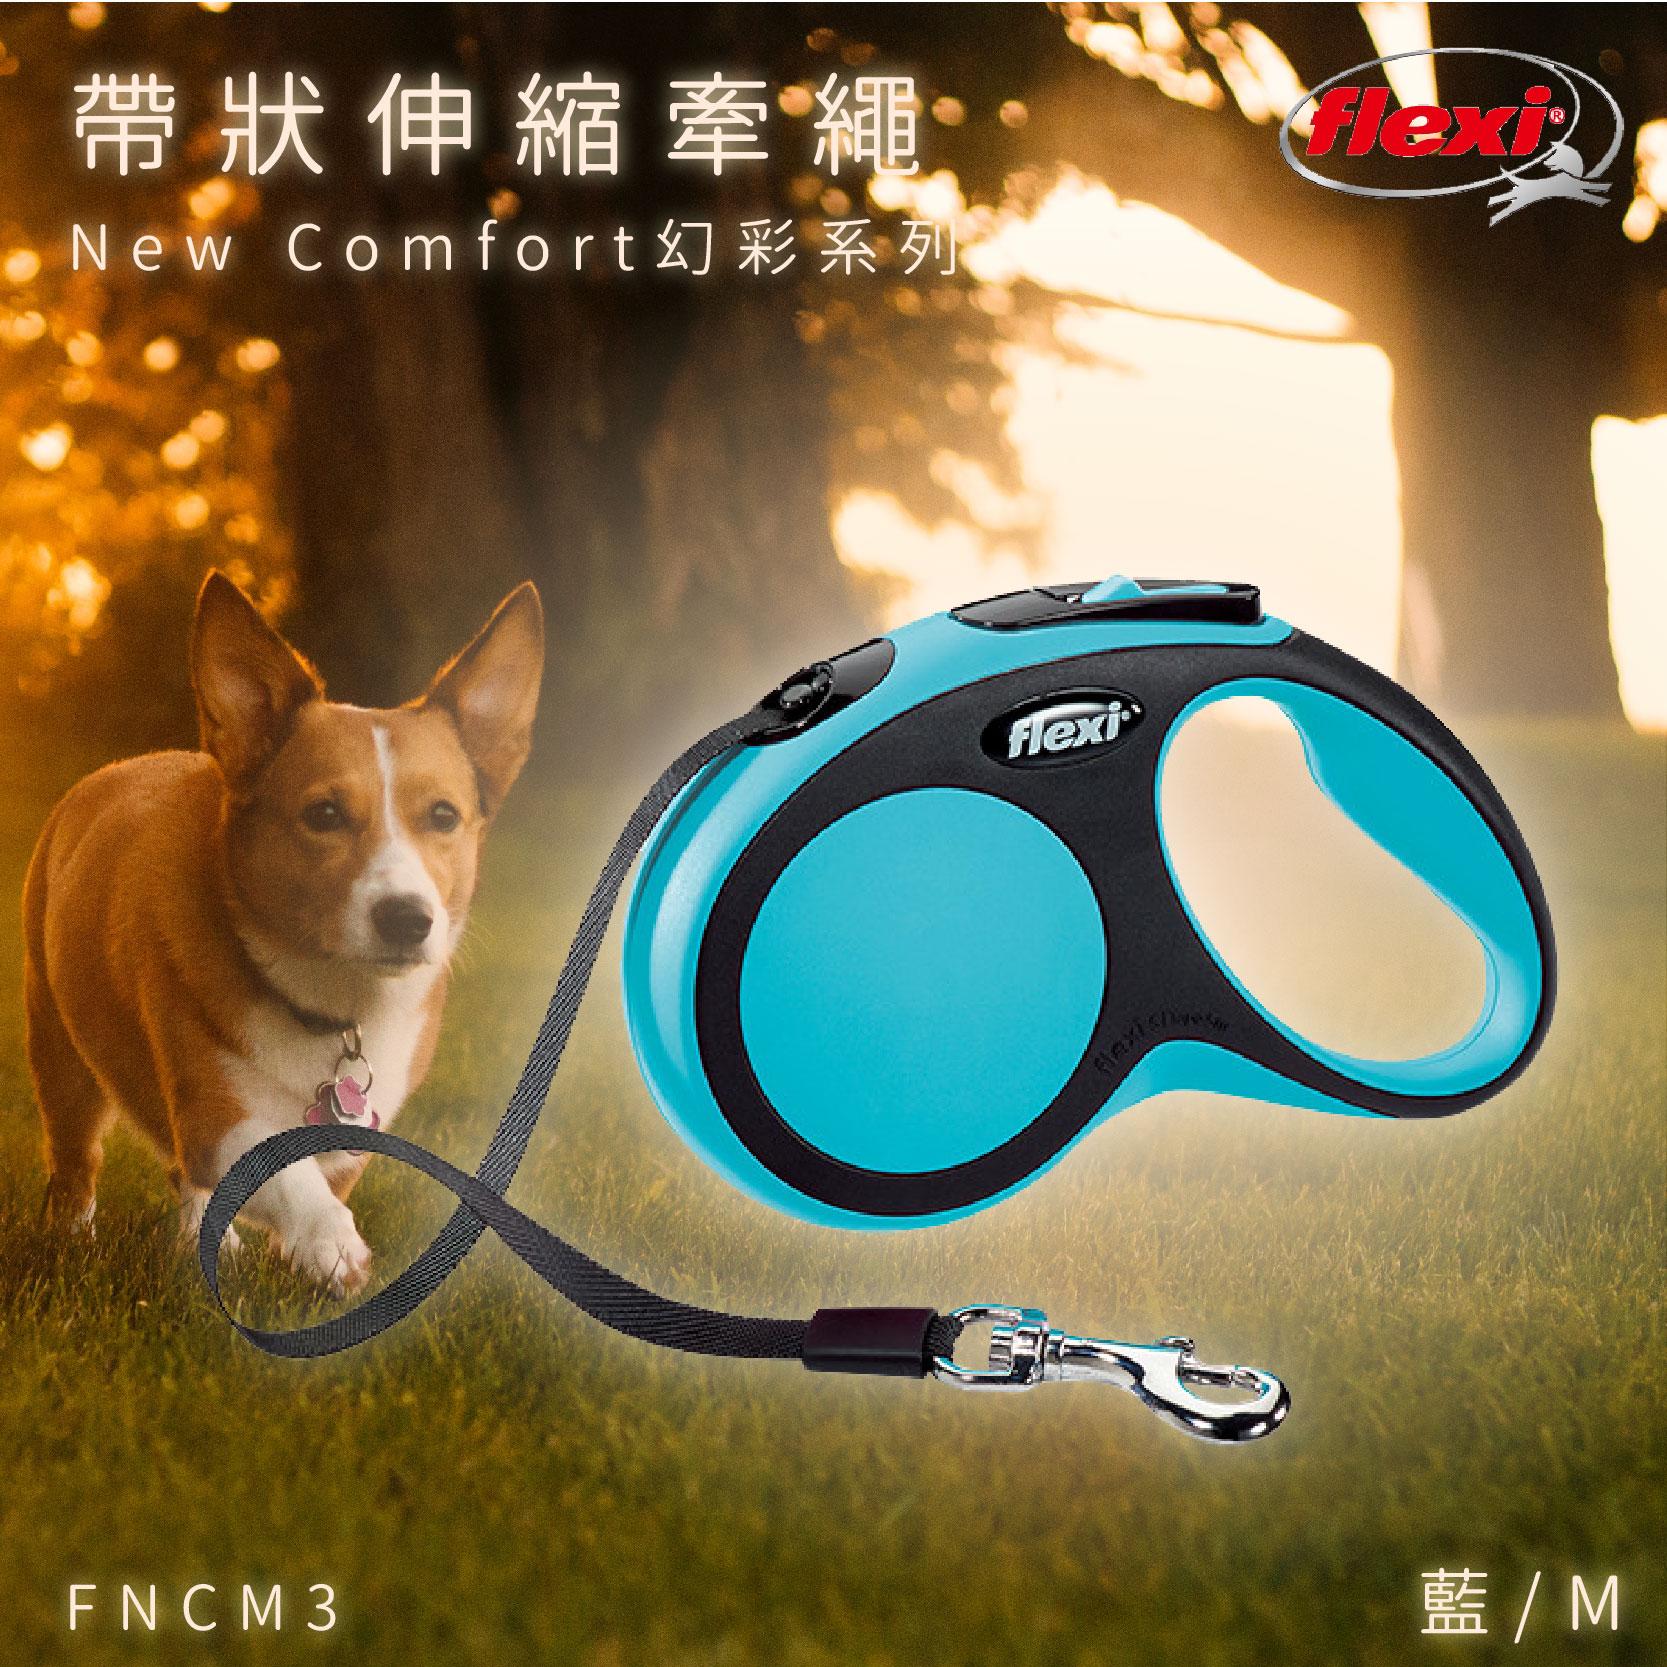 Flexi 帶狀寵物牽繩 藍M FNCM3 幻彩系列 舒適握把 狗貓 外出用品 寵物用品 寵物牽繩 德國製